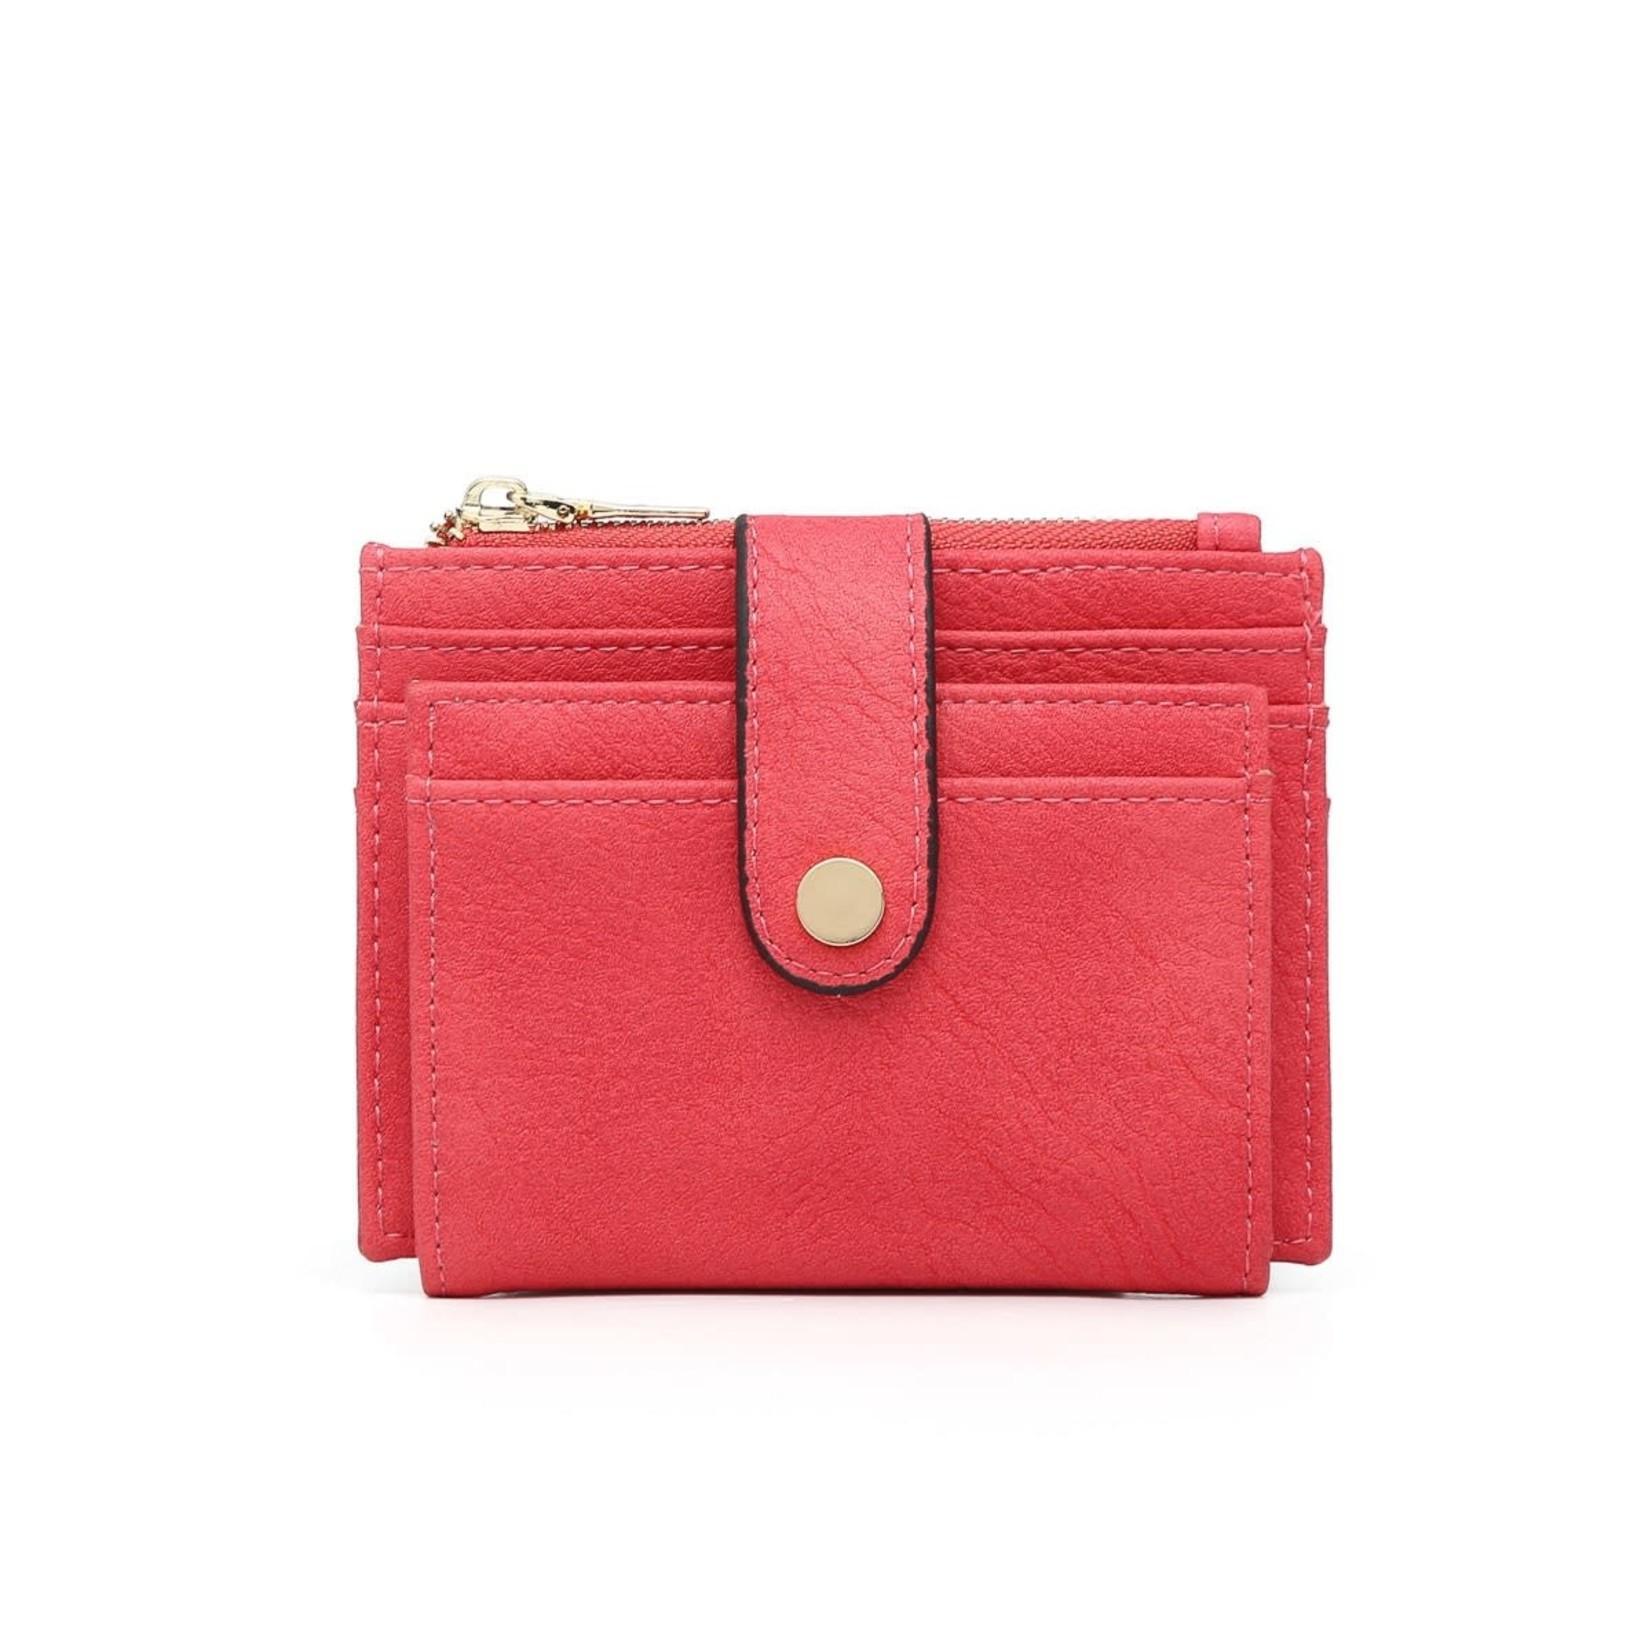 Hot Pink Wallet/Credit Card Holder in Vegan Leather